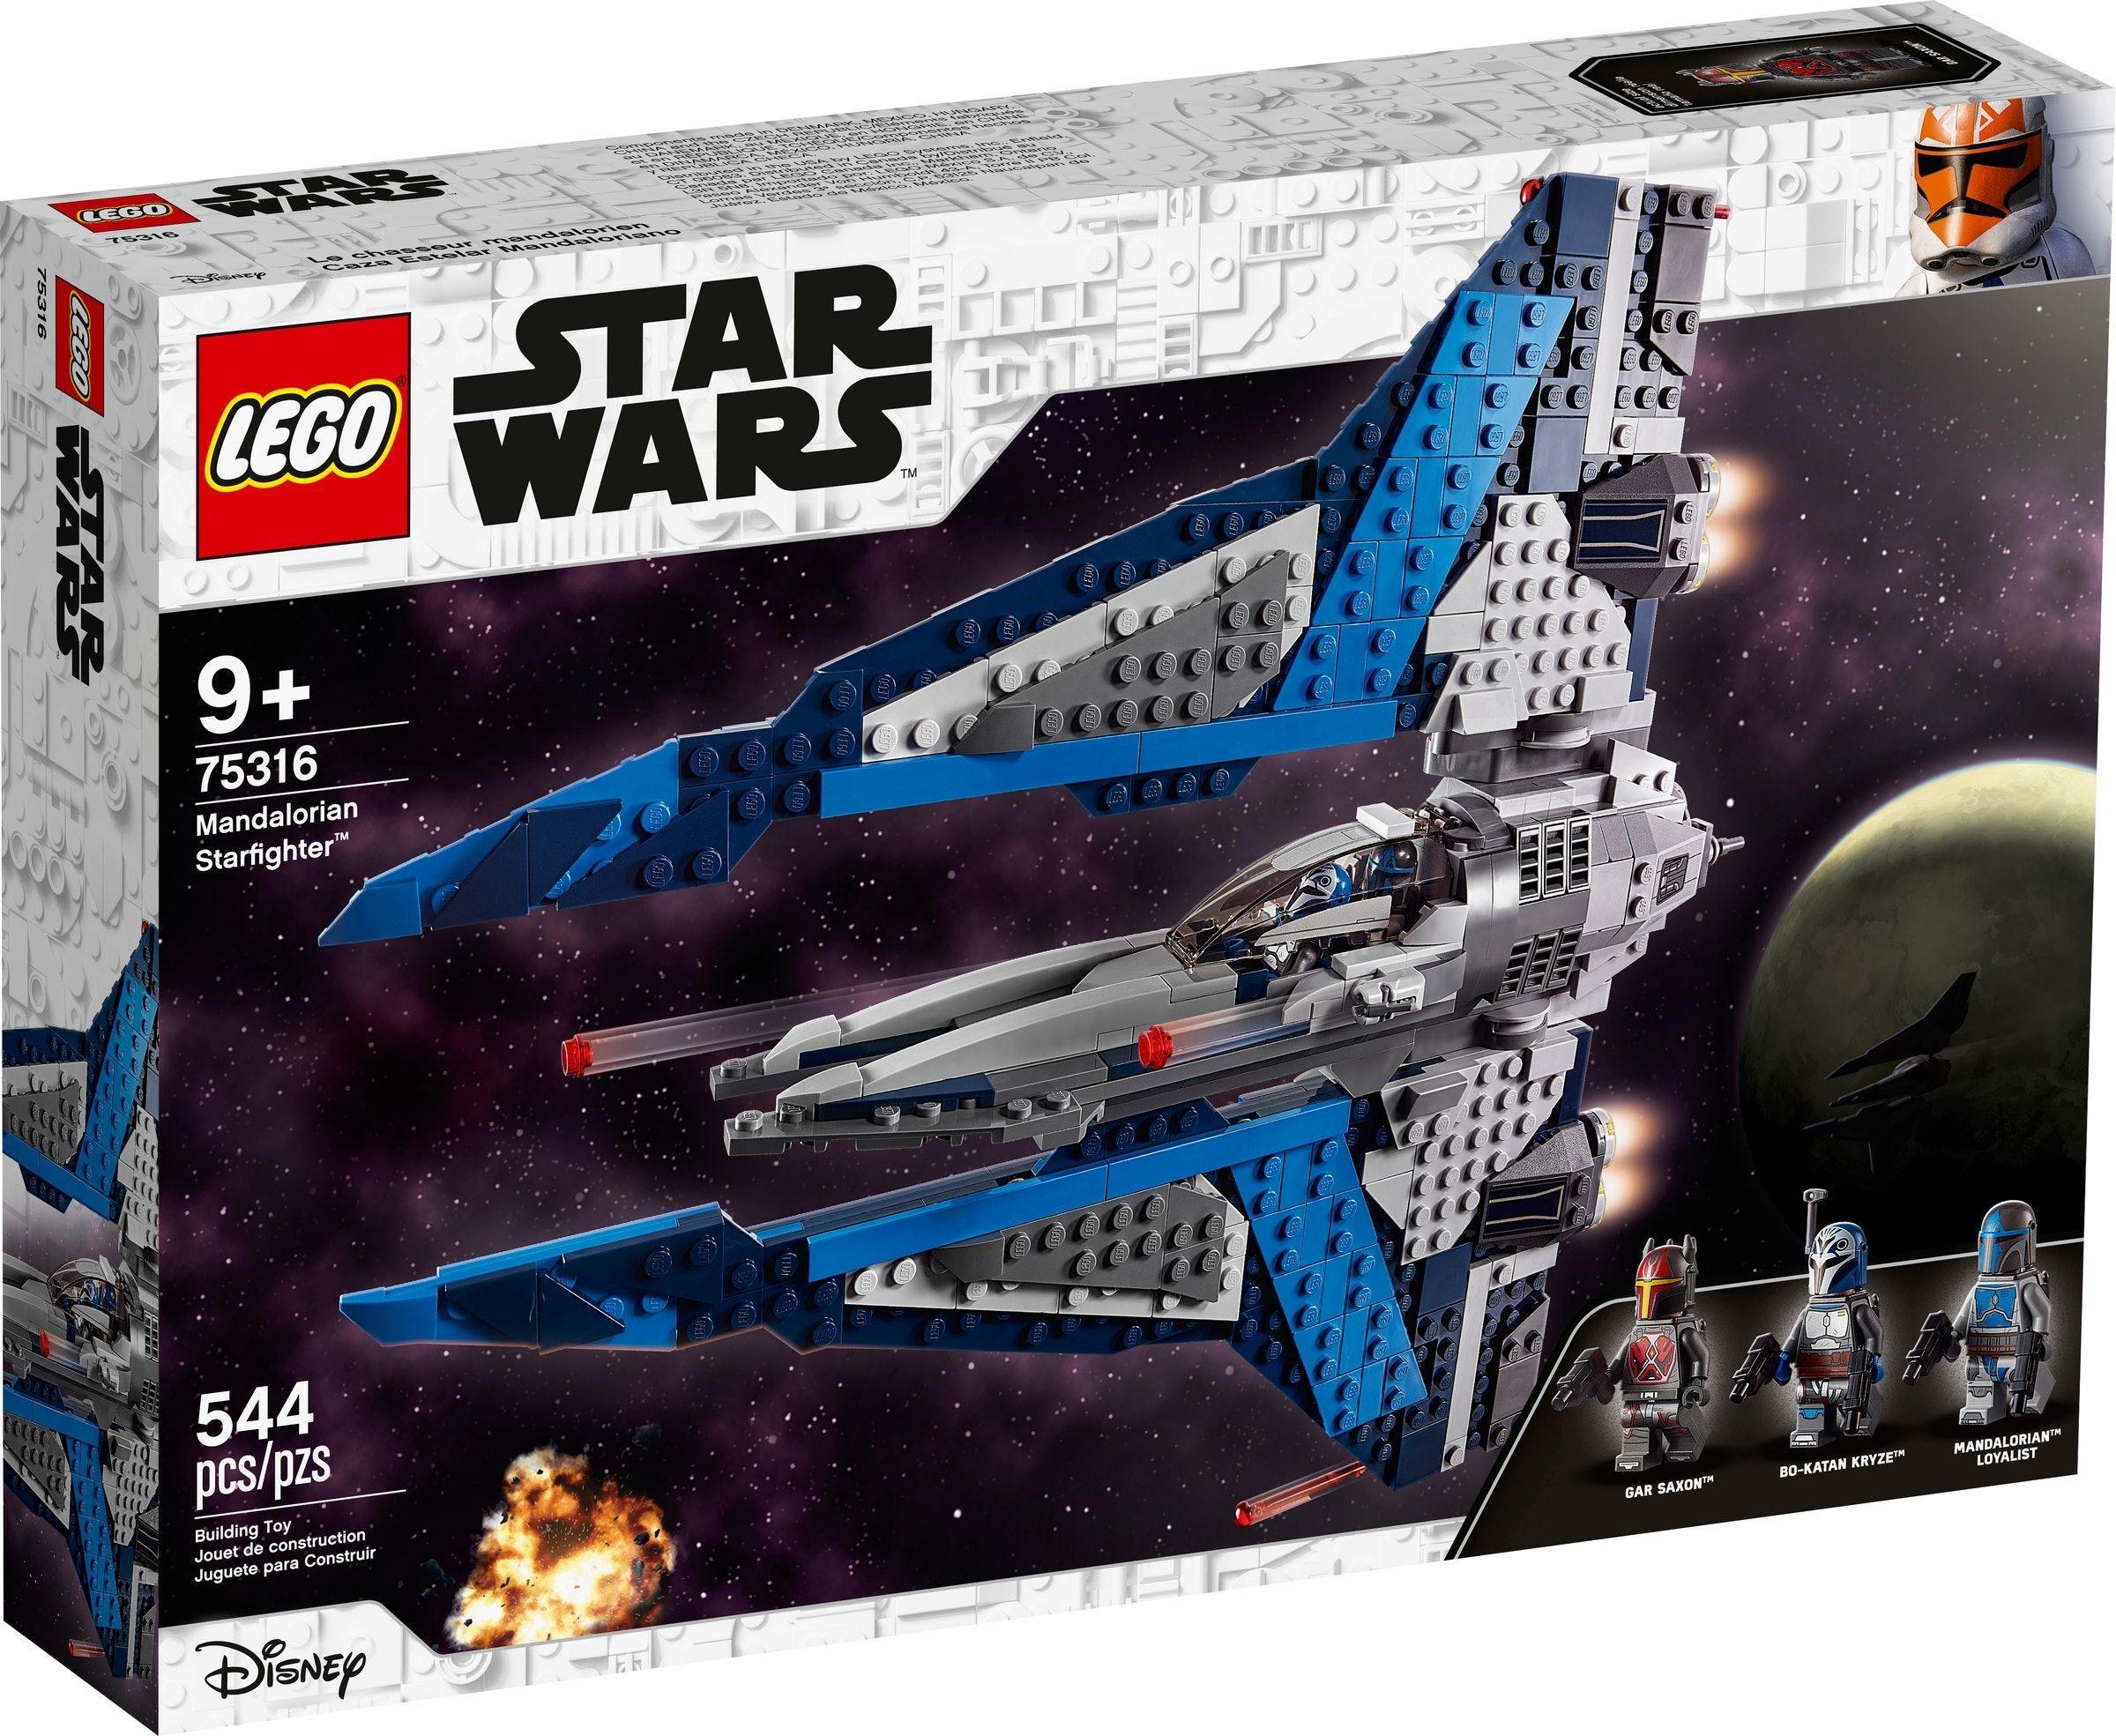 star wars lego 2021